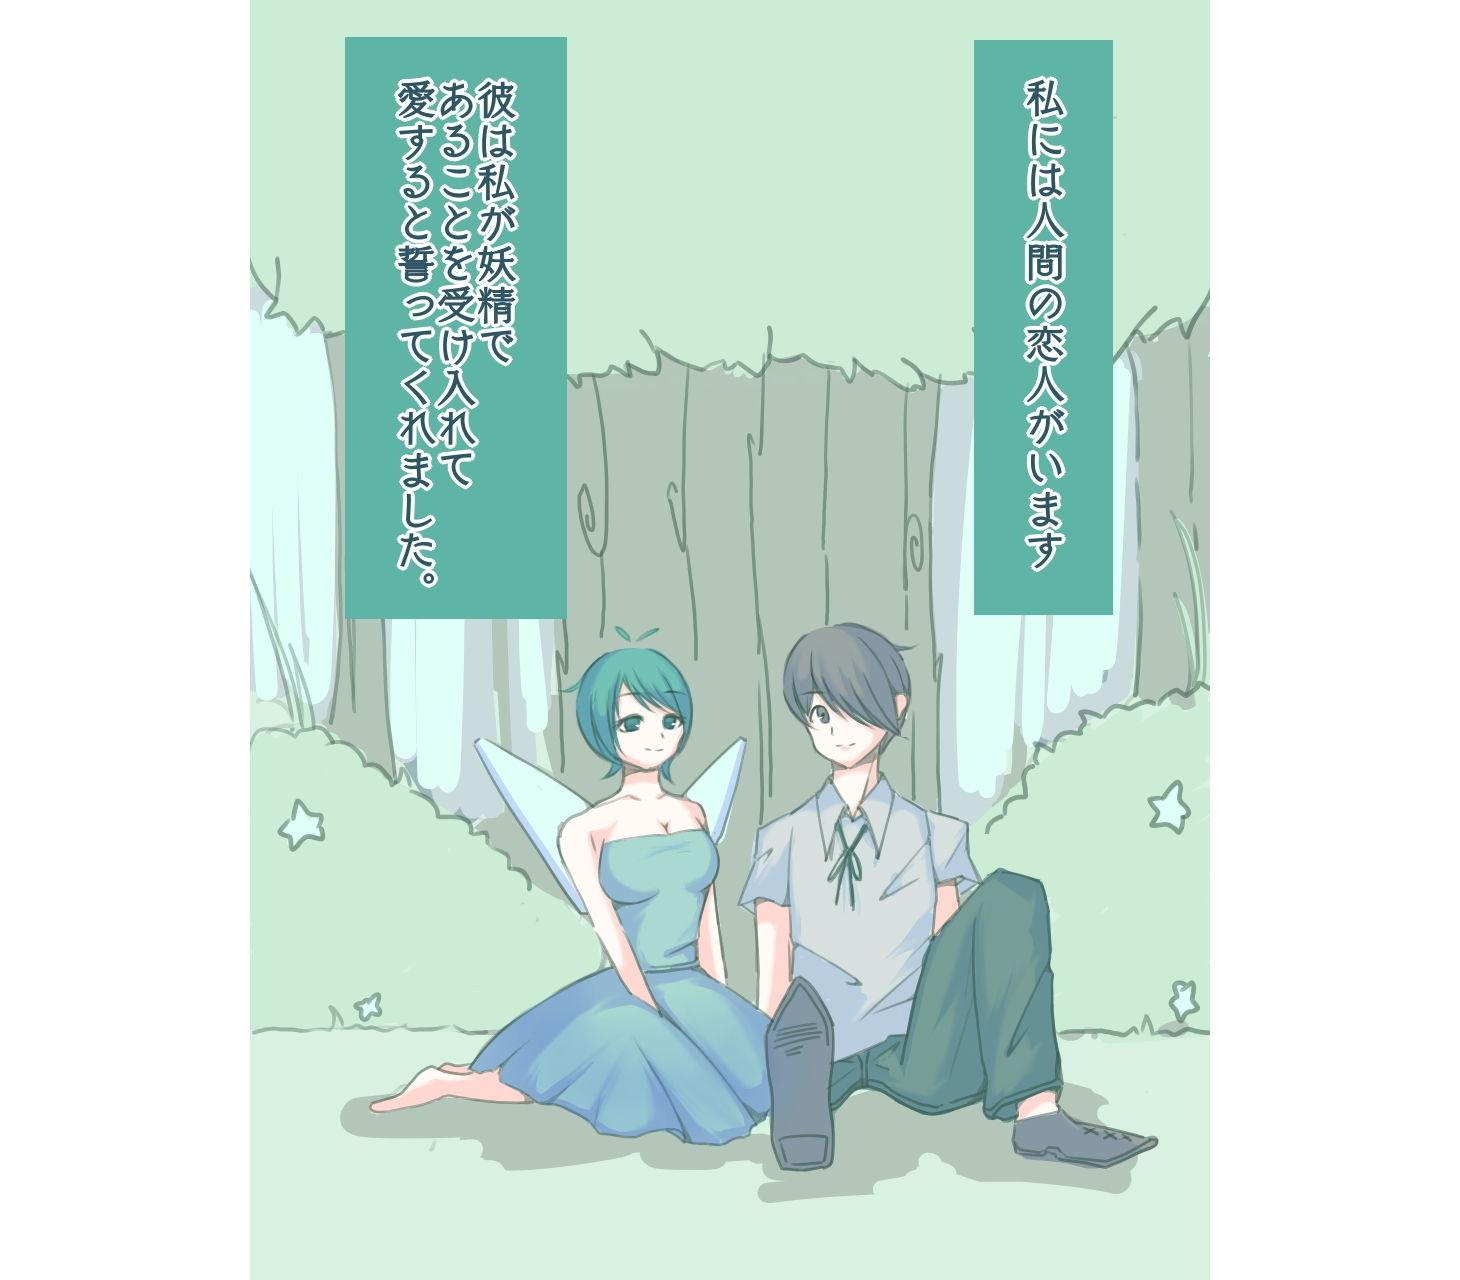 【ひげんじつ 同人】妖精と人間の男の子のお話